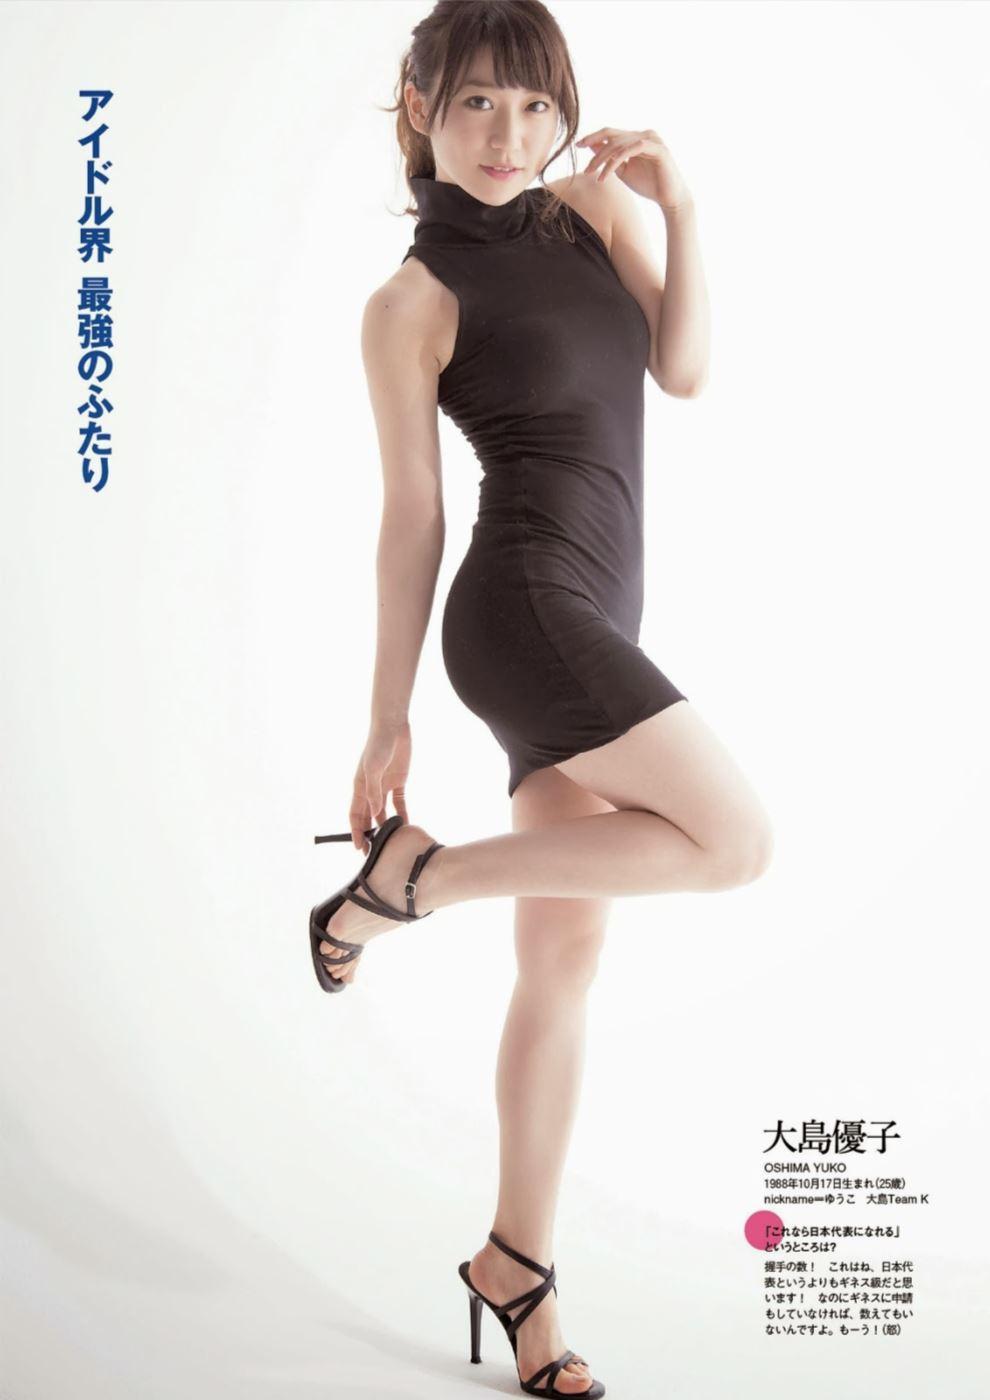 川栄李奈 画像 123